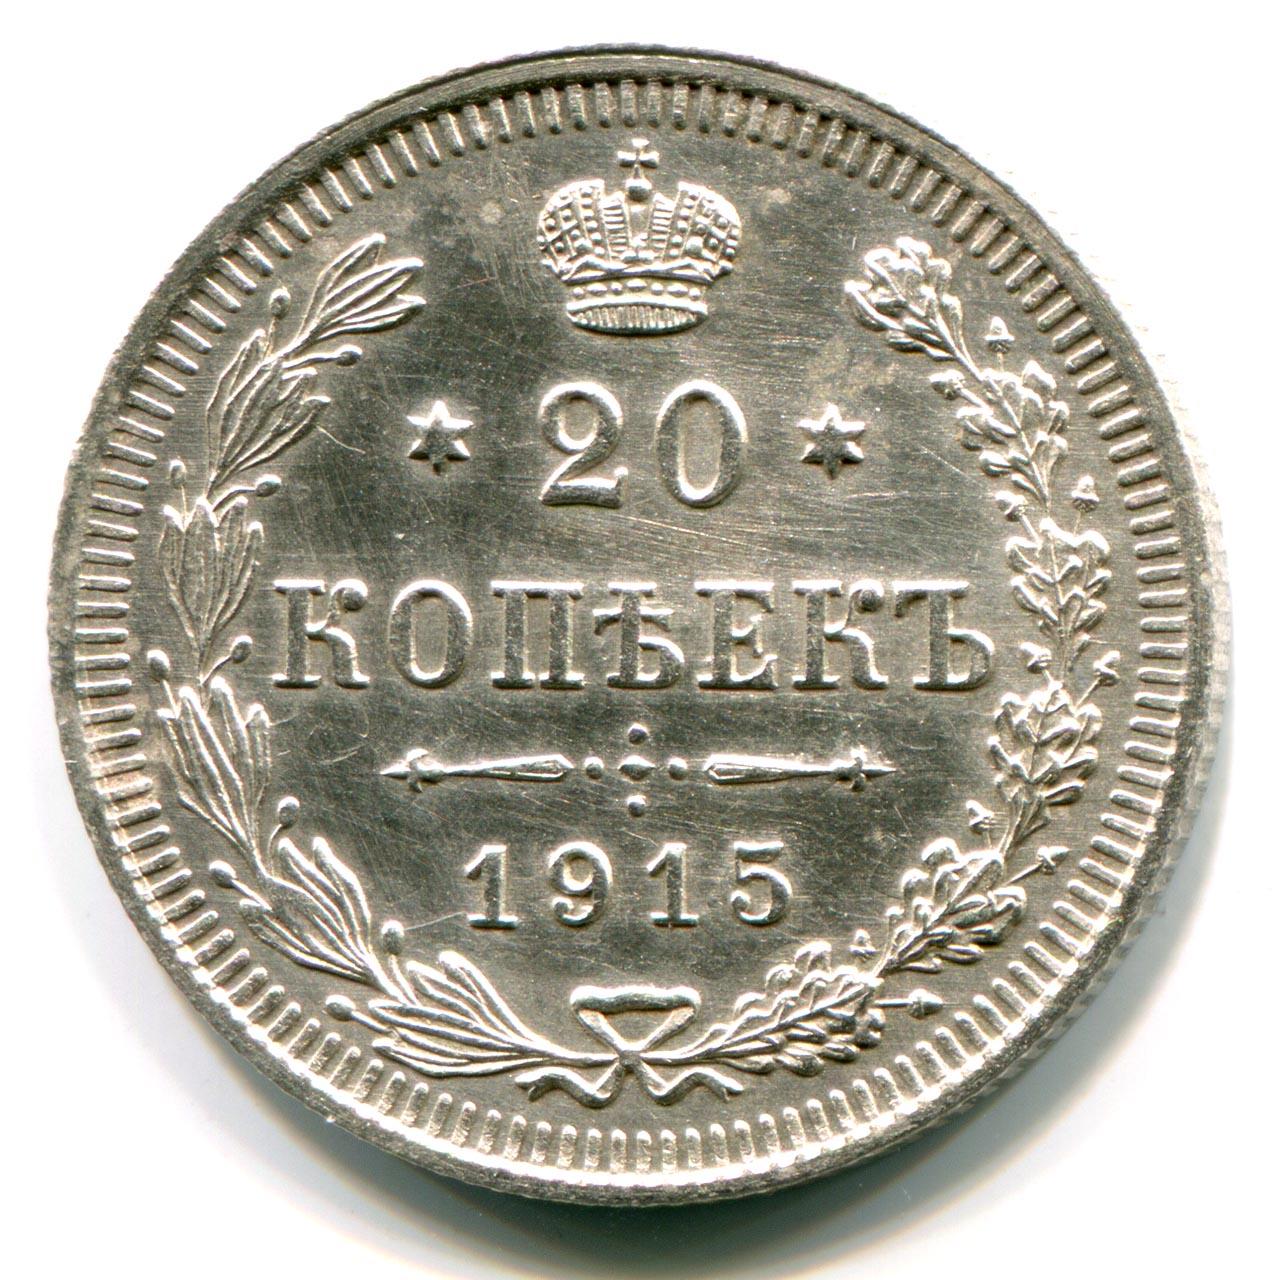 10 коп 1915 года цена серебро близнецы 2005 аргентина